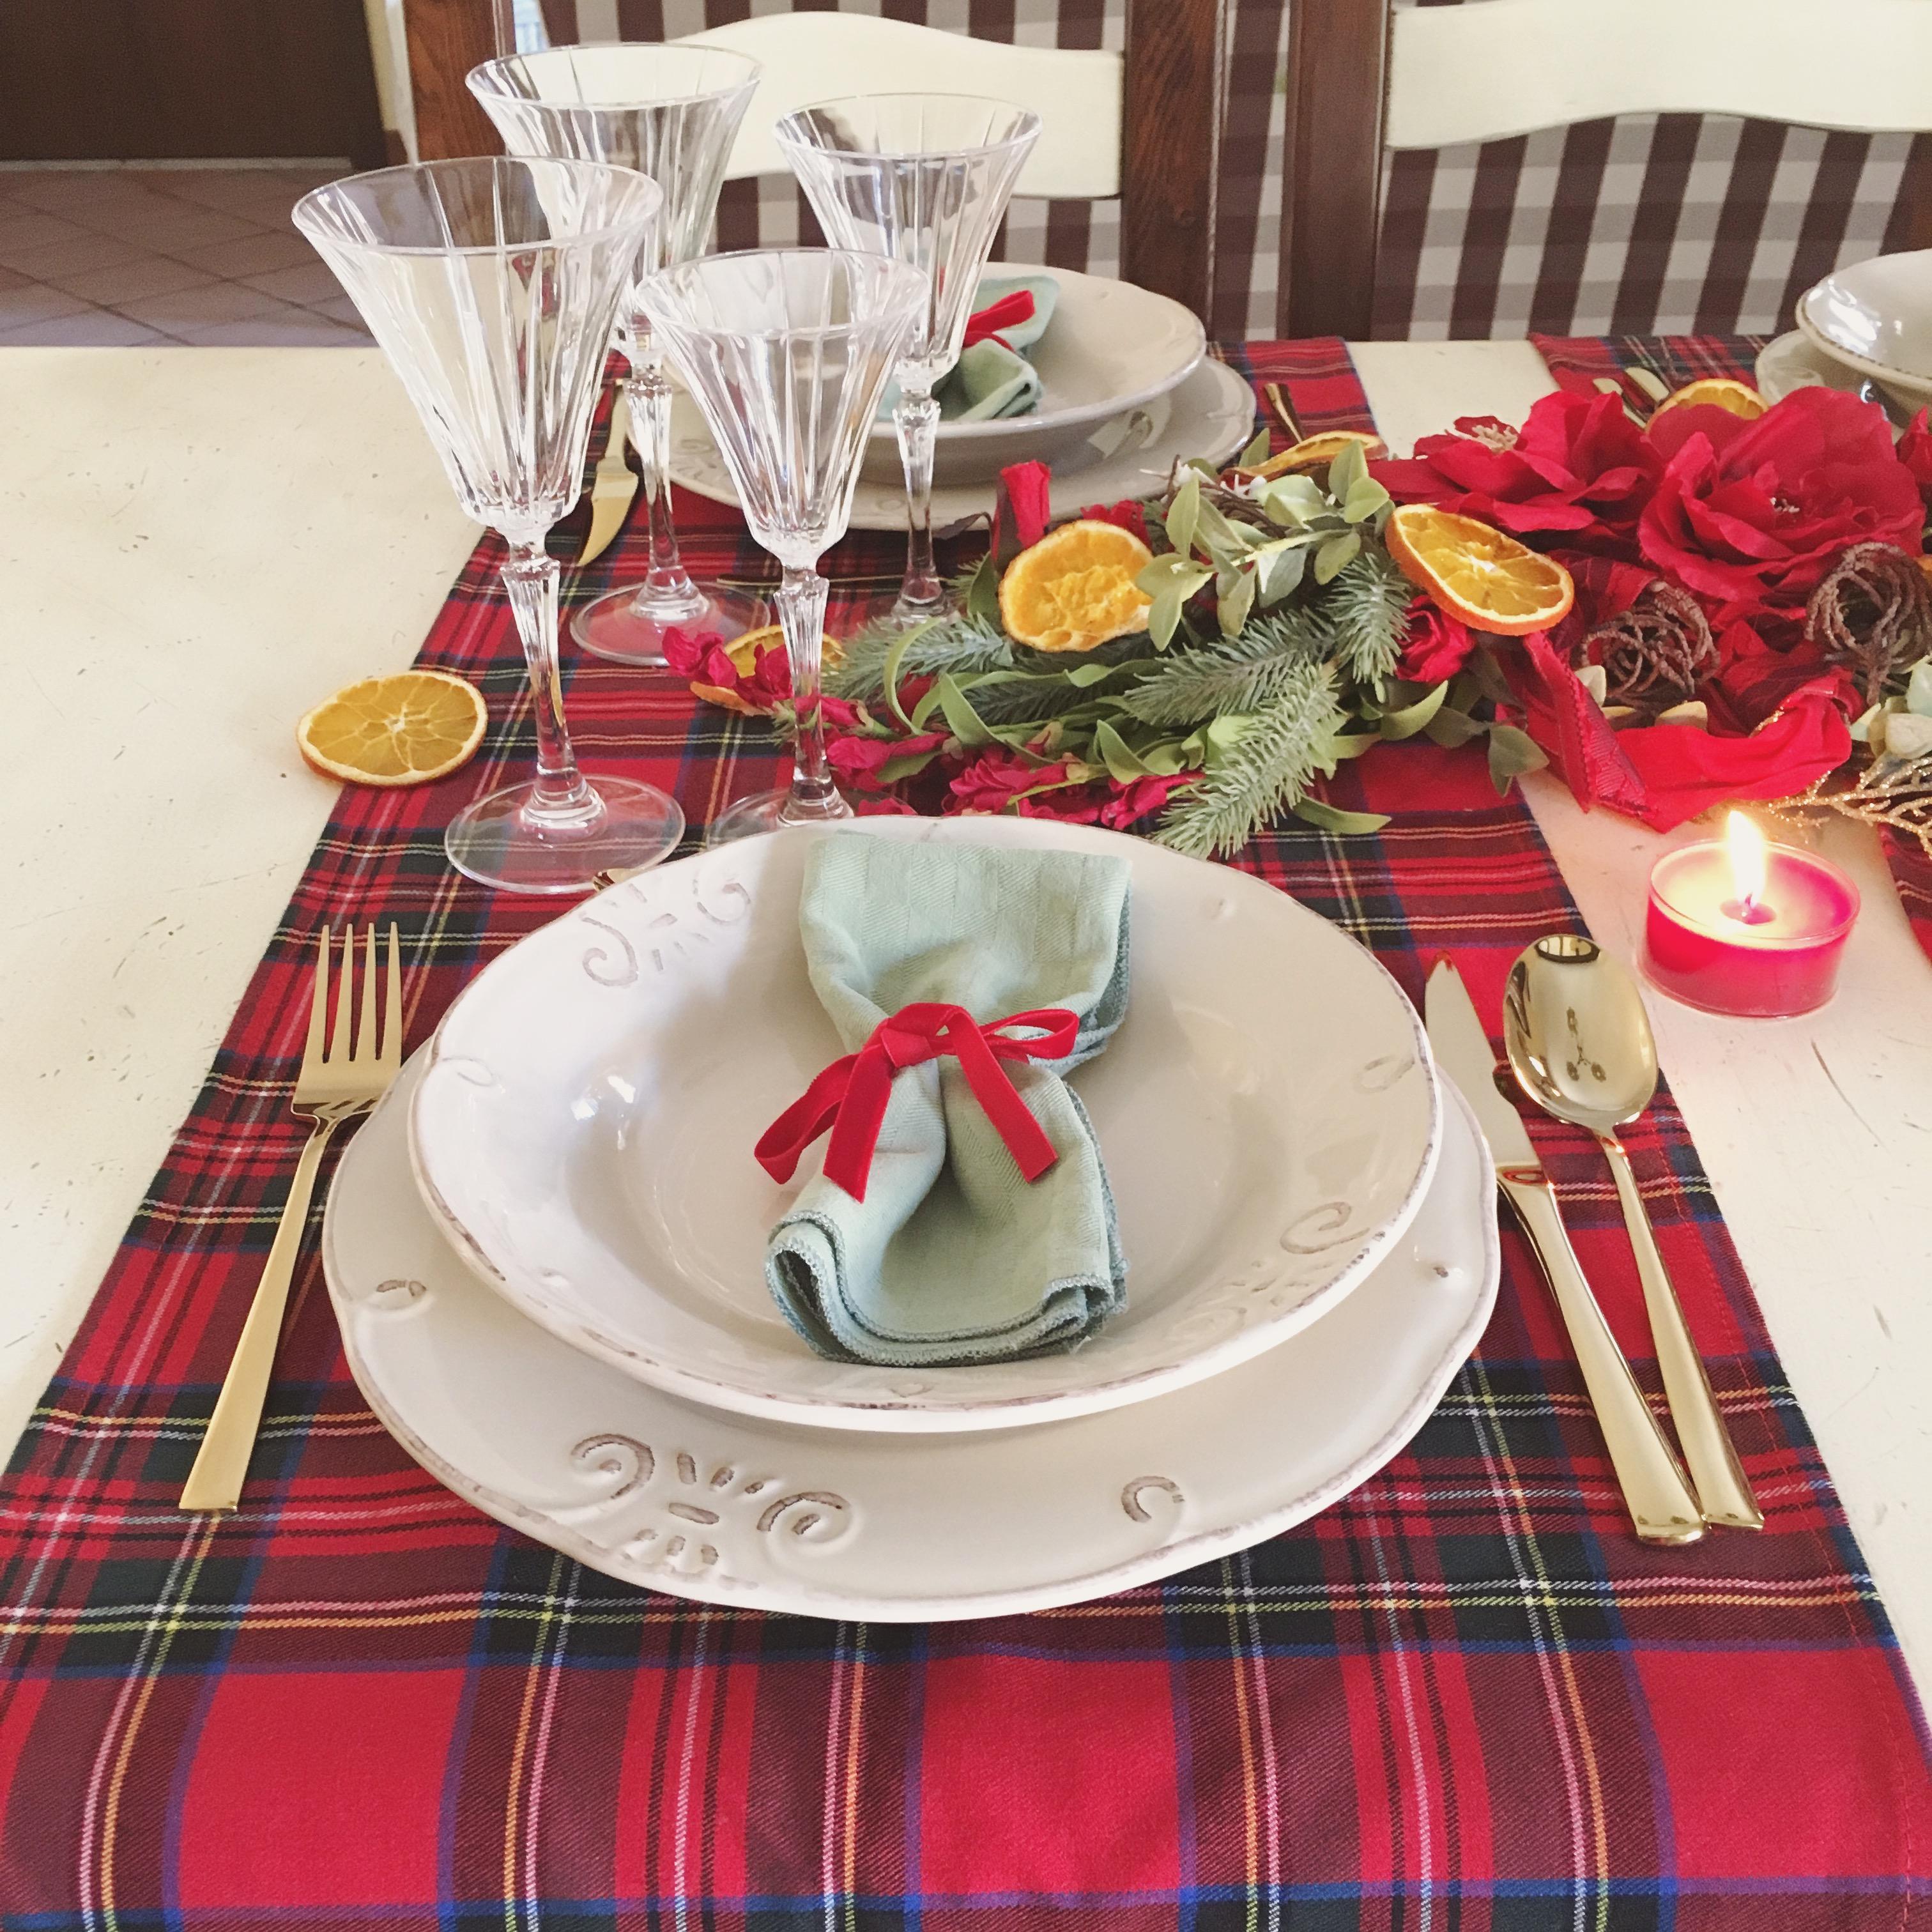 La mia tavola di natale marica ferrillo - La tavola di melusinda ...